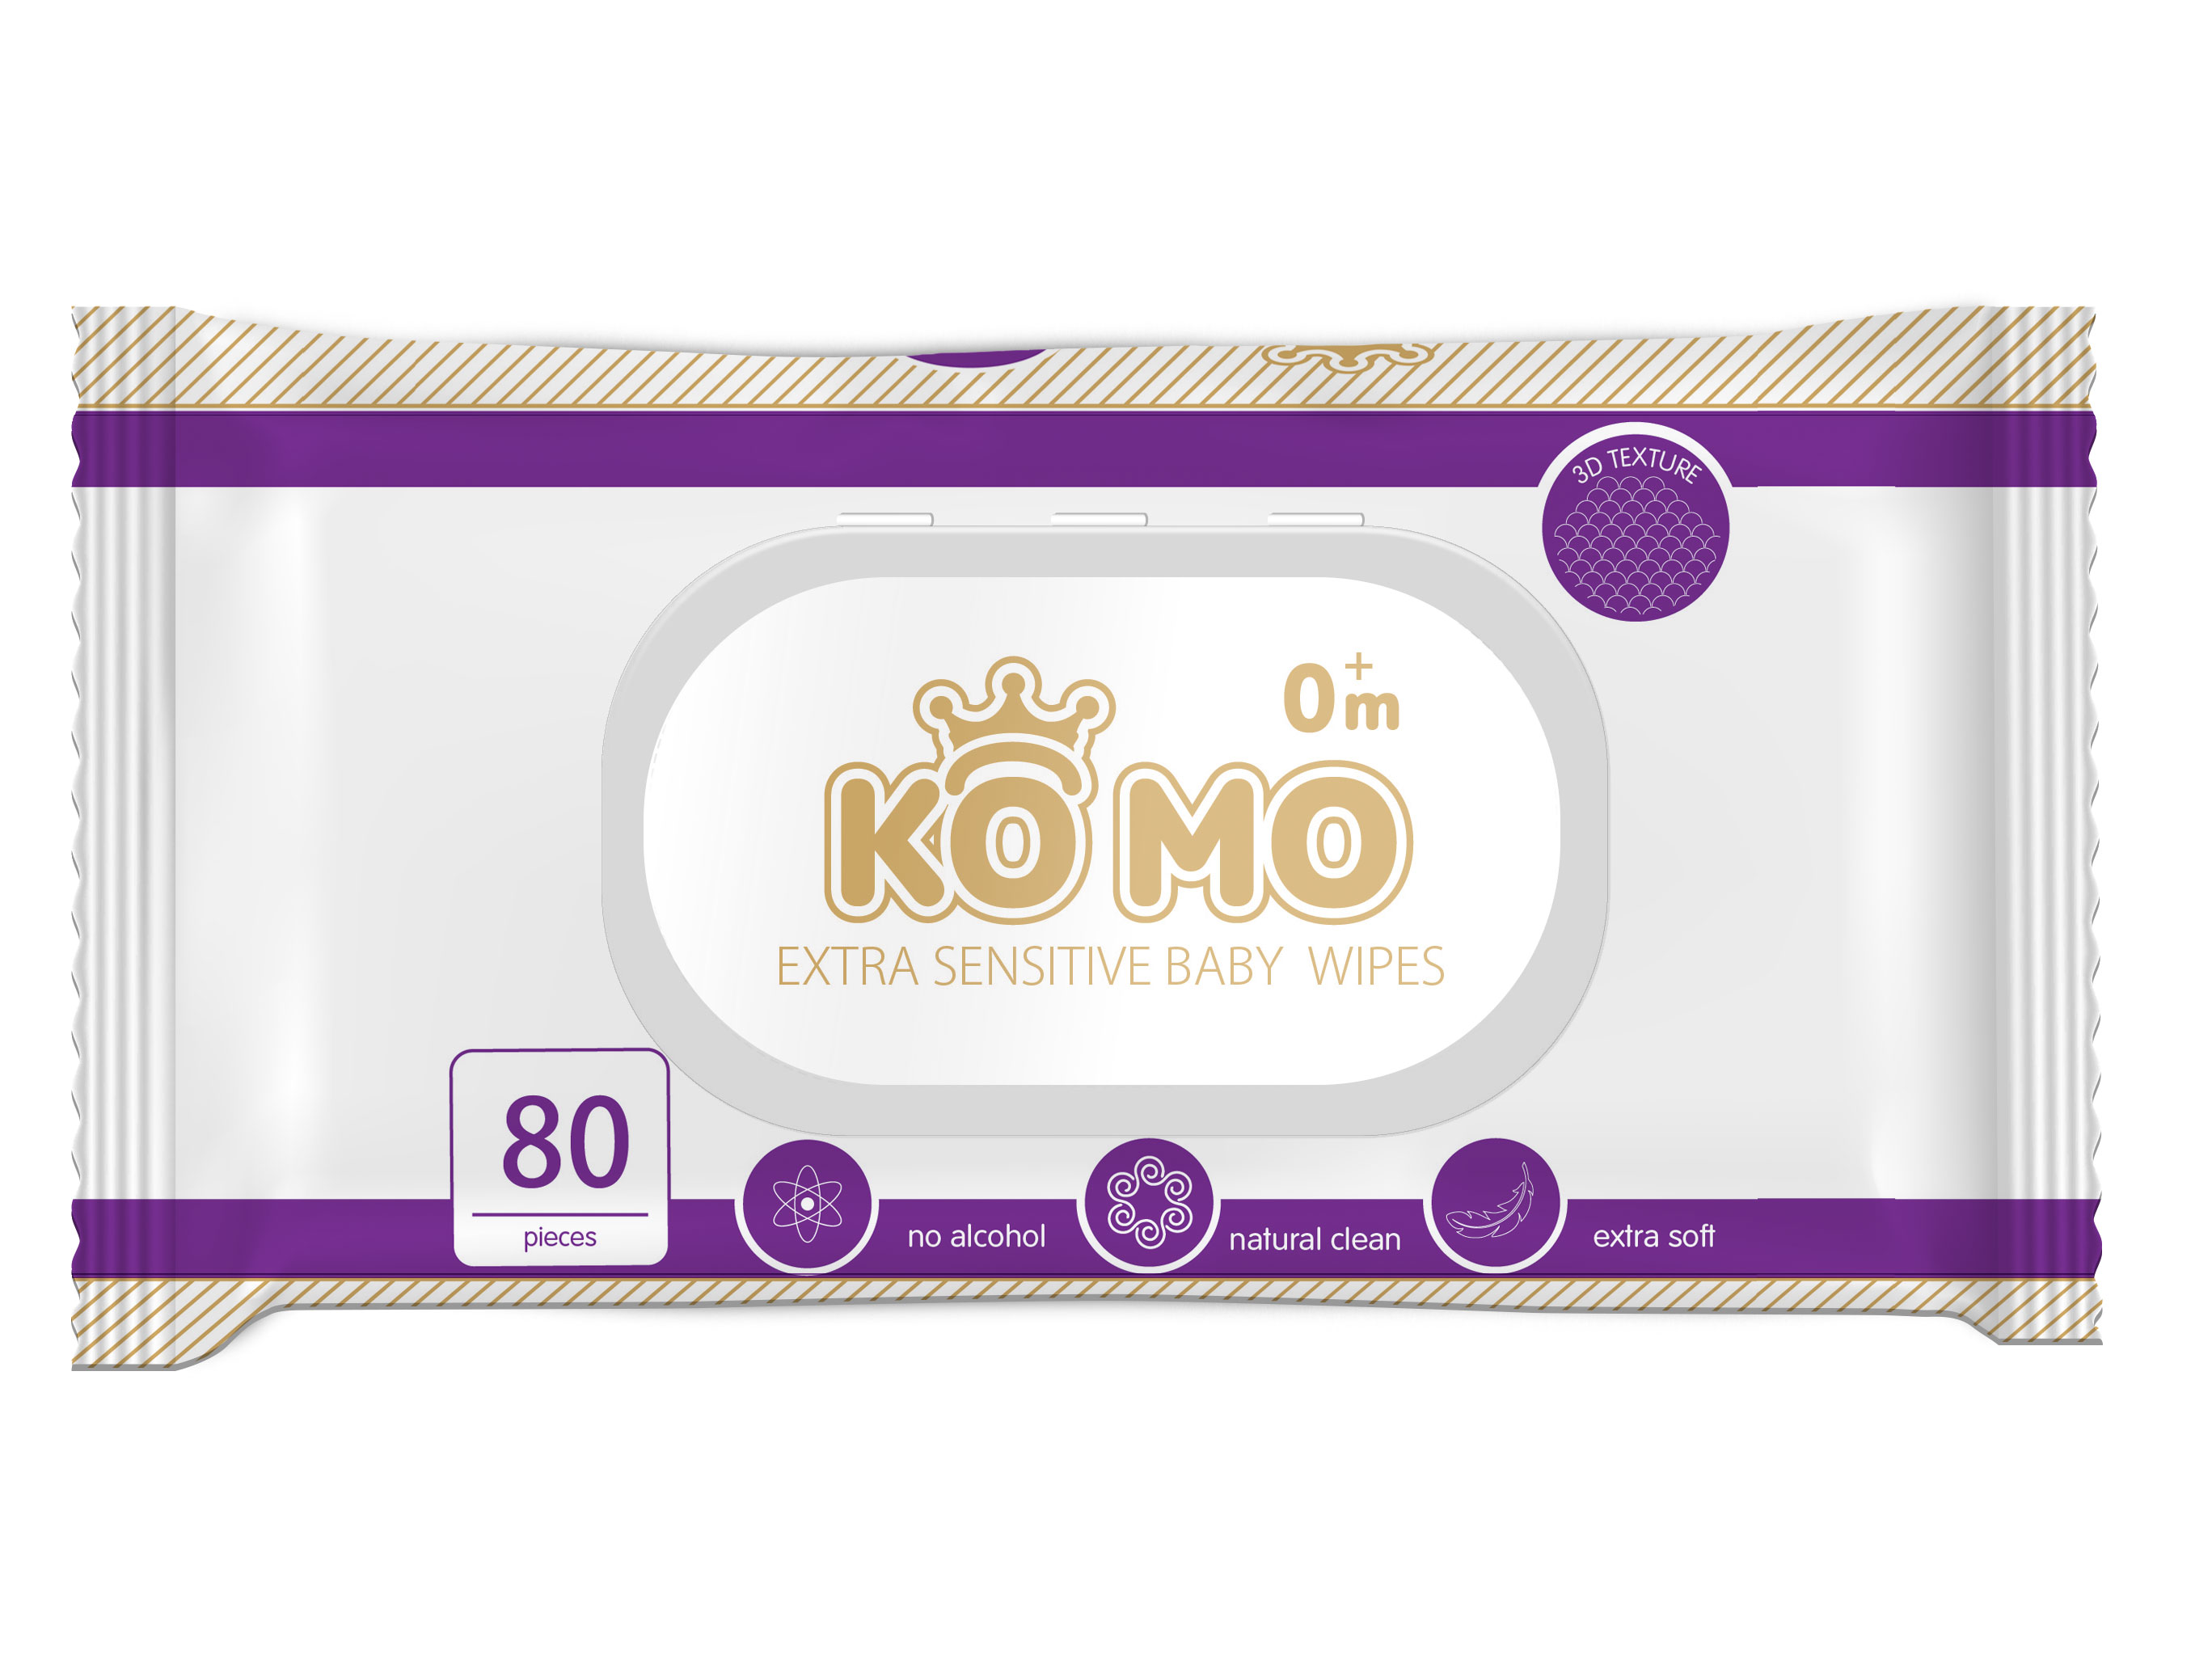 Купить Влажные салфетки, 80 шт, Ko Mo, Китай, Текстурированное полотно 45*200, 40% вискоза, 60 % полиэфир.